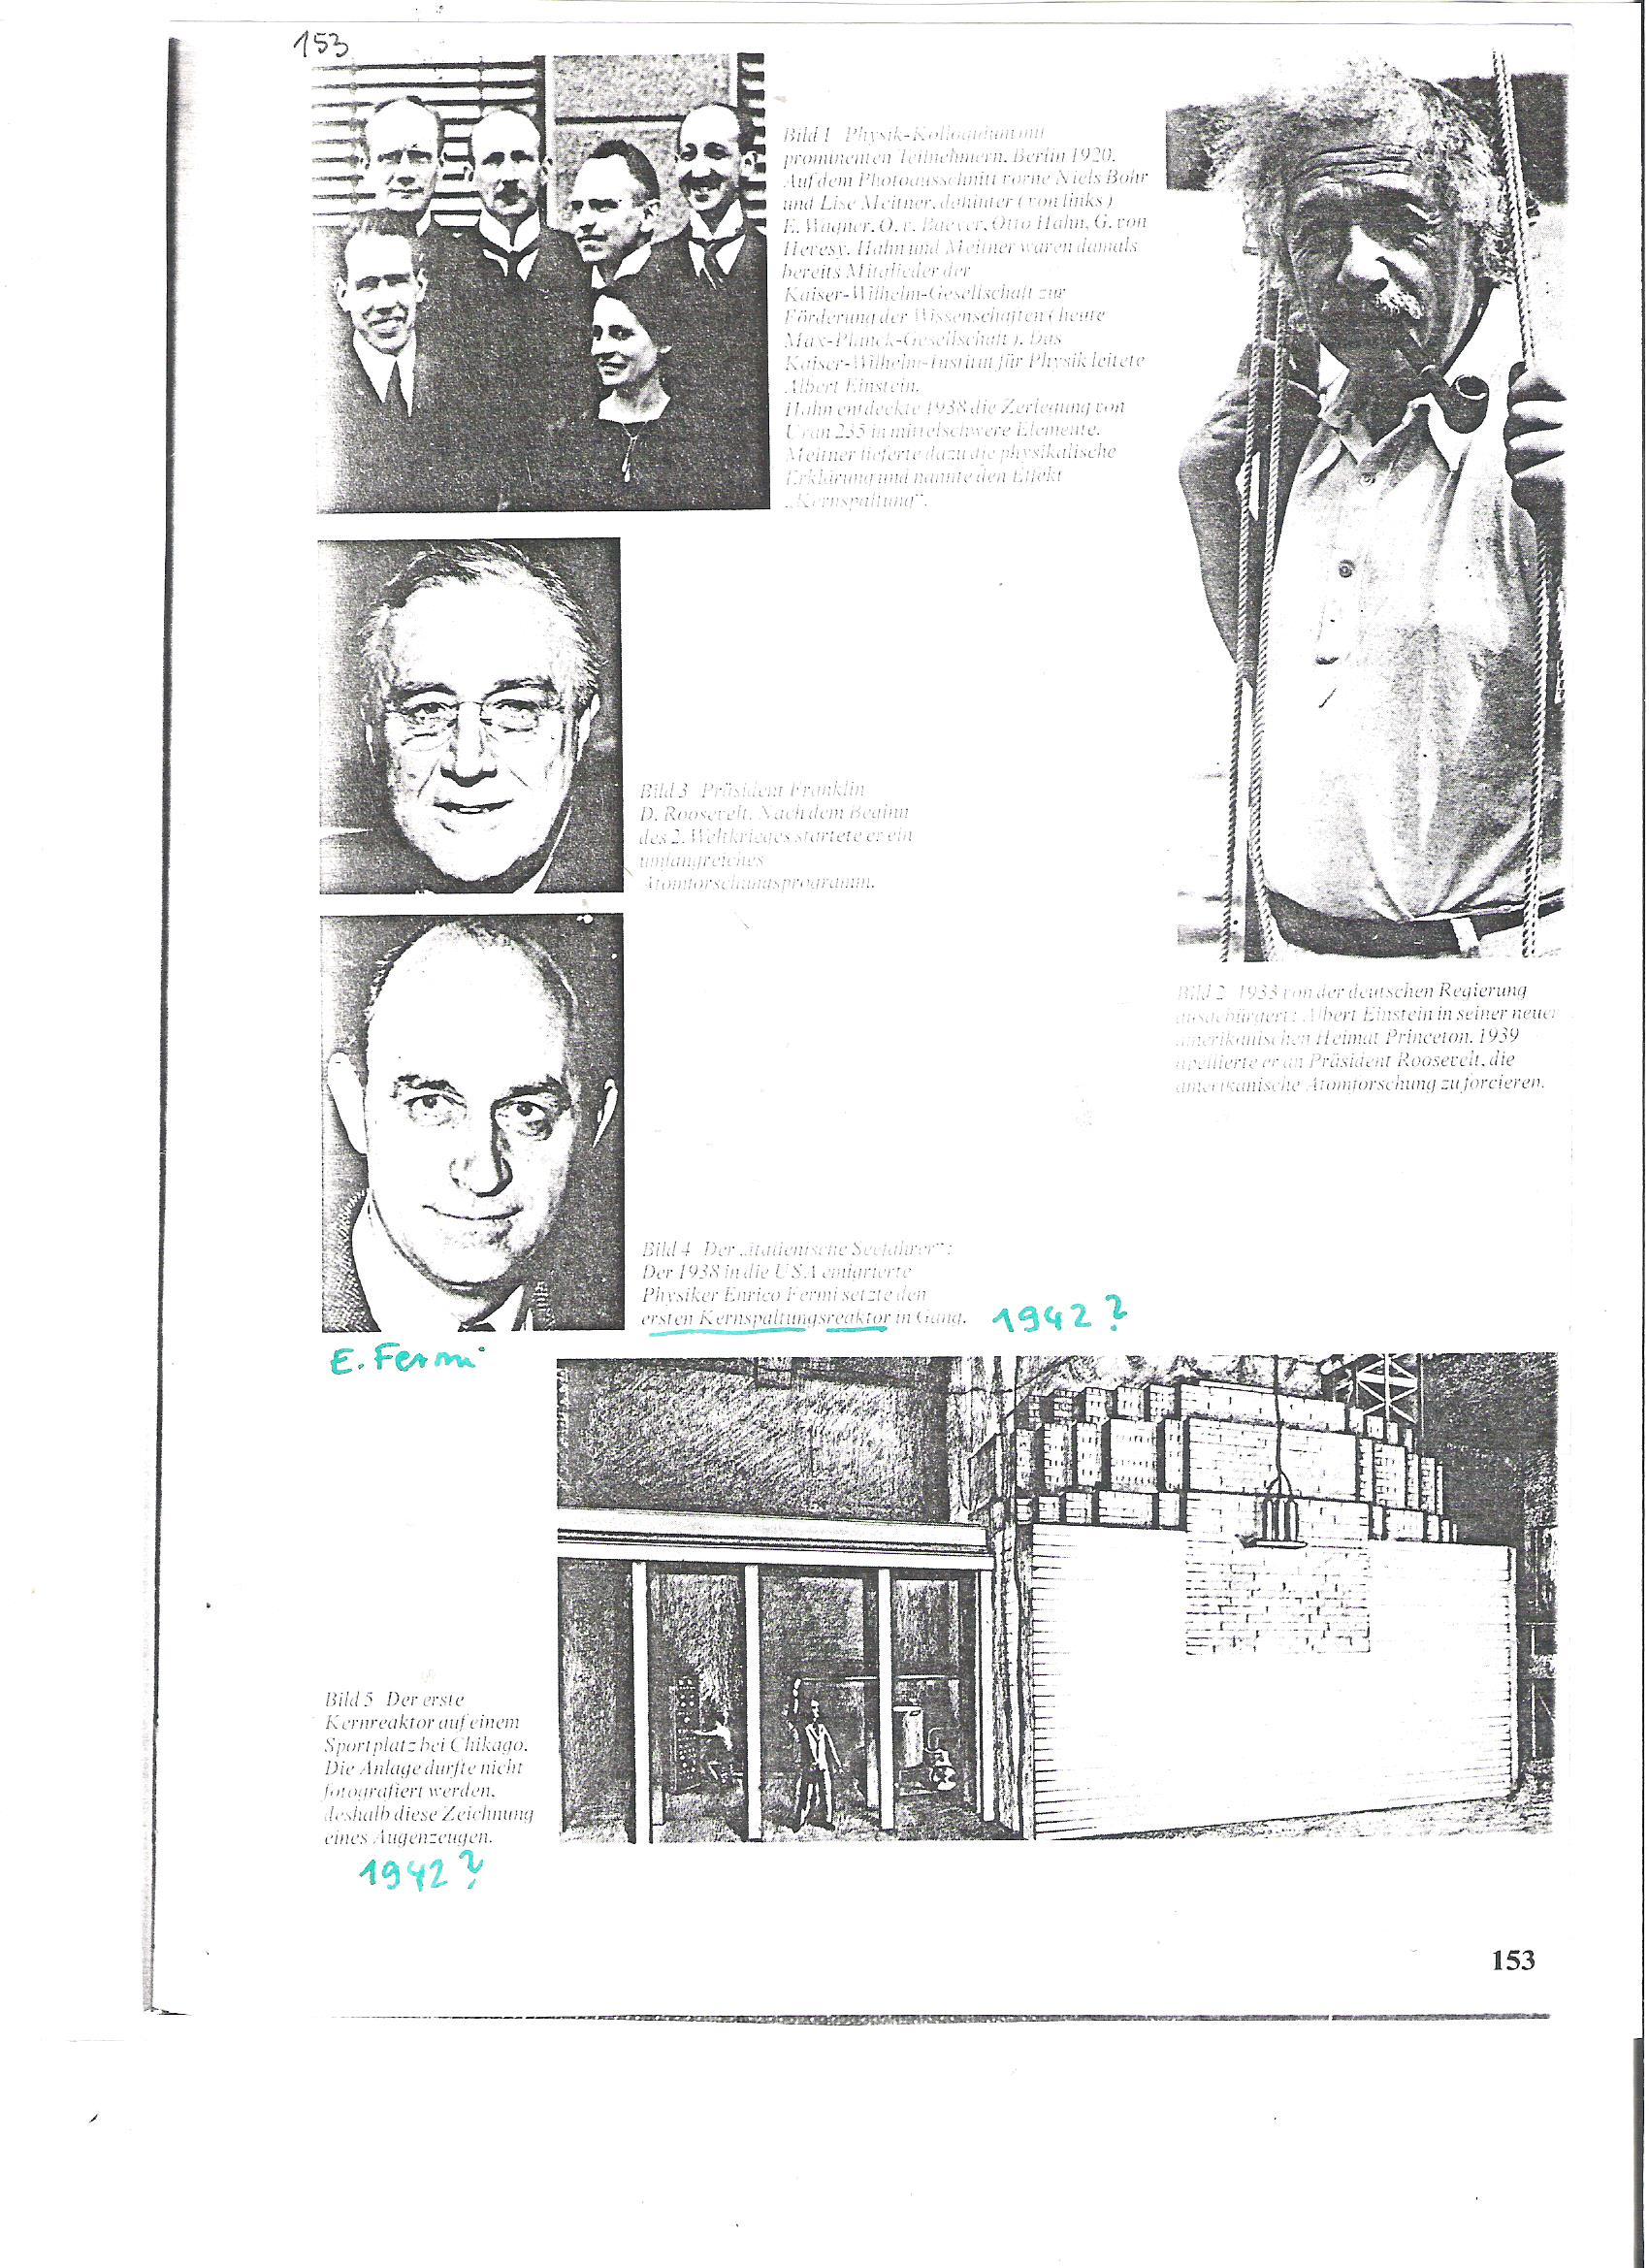 """<br />153 (Másik könyvből?)<br />Kép1. Fizika-kollokvium prominens részvevőkkel, Berlin, 1920. A képkivágáson elől Niels Bohr és Lise Meitner, mögöttük (balról jobbra): E. Wagner, O.v. Baeyer, O. Hahn, G.v. Hevesy. Hahn és Meitner akkor már tagjai a Kaiser Wilhelm Tudománytámogató Társaságnak (Ma Max Planck Gesellschaft). A Kaiser Wilhelm Fizikai Intézete Einstein vezetése alatt állt. Hahn 1938-ban fölfedezte az urán-235 maghasítást középsúlyú elemekre. Meitner adta hozzá a magyarázatot és a jelenséget elnevezte """"Kernspaltung""""-nak.<br /><br />Kép3. Franklin D. Roosevelt. A II. Világháború ukitörése után egy nagyszabású atomkutató programot indított.<br /><br />Kép2. 1933-ban a német kormány megfosztotta német állampolgárságától: Abert Einstein új amerikai hazájában, Princetonban. 1939-be Rooseveltet arra kérte, fokozza az amerikai atomkutatást.<br /><br />Kép4. Az első atomreaktor egy Chicago-i sportpályán.  A reaktort tilos volt fényképezni, ez egy szemtanú rajza."""